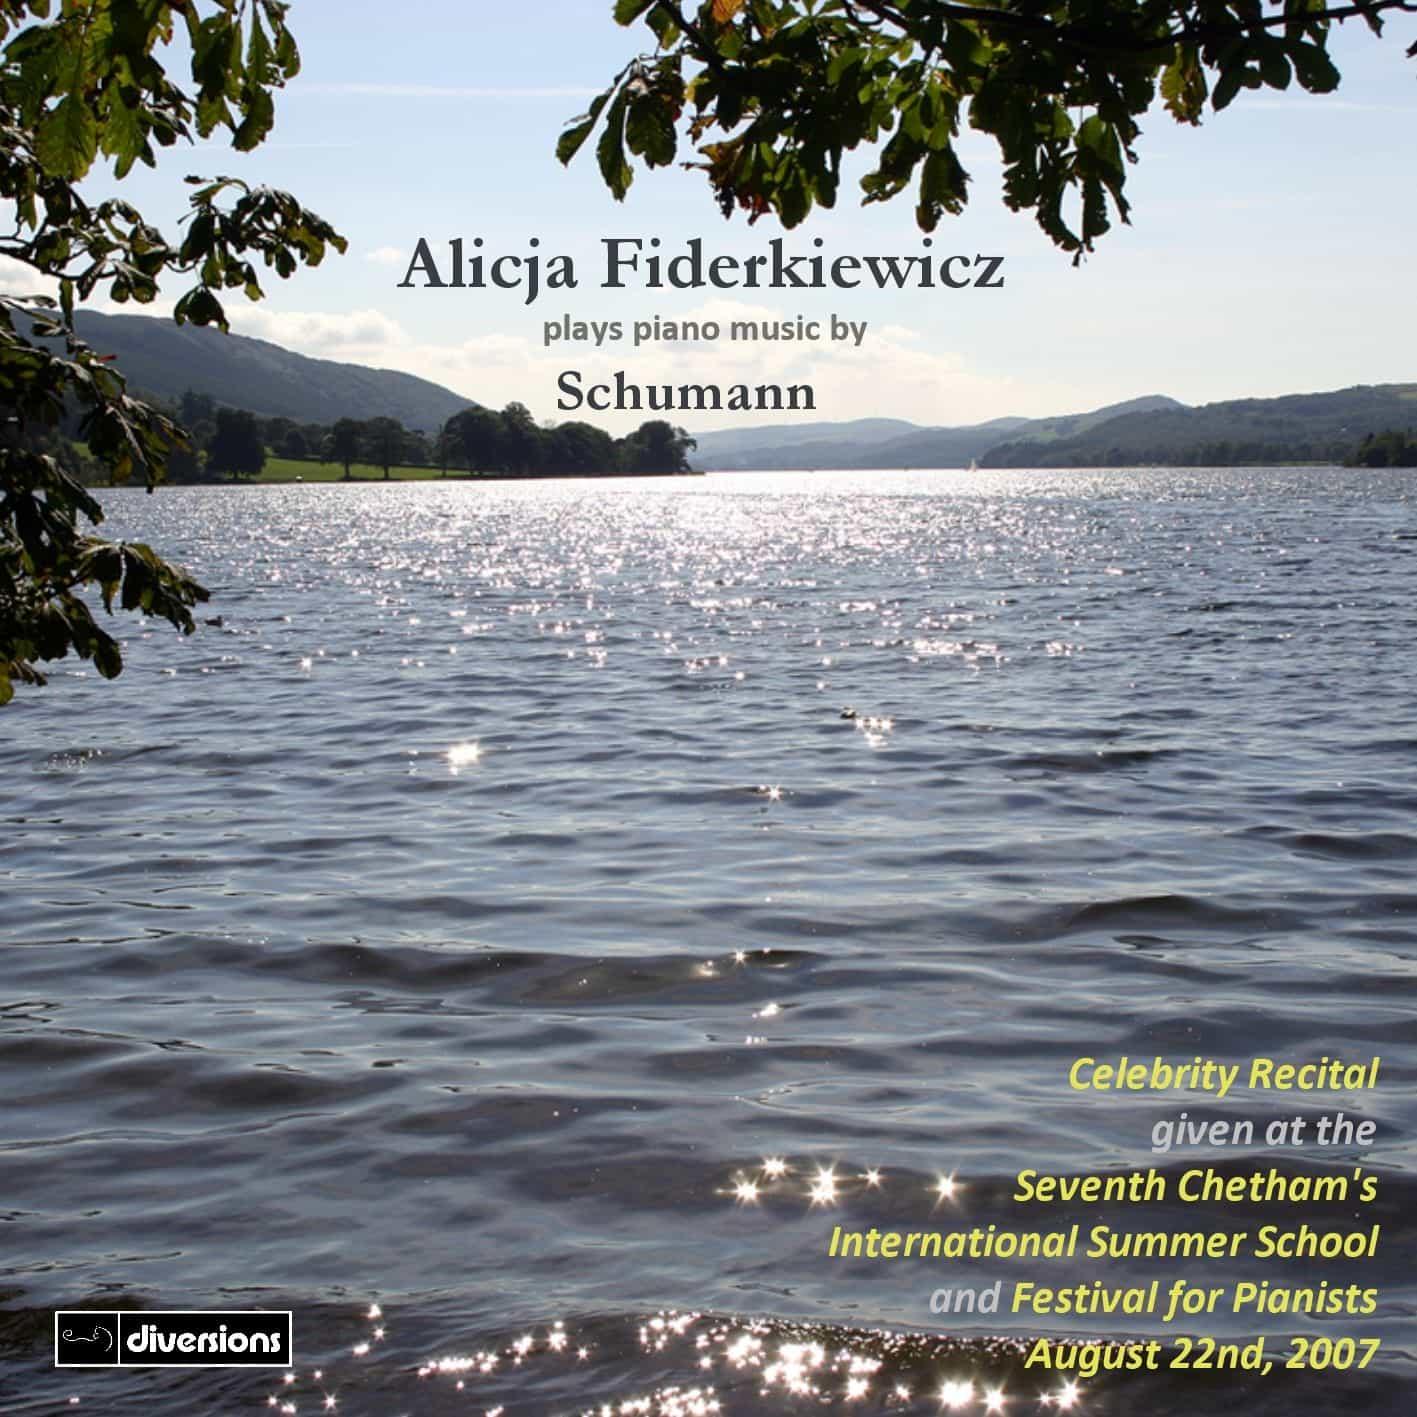 Alicja Fiderkiewicz Celebrity Recital: Schumann